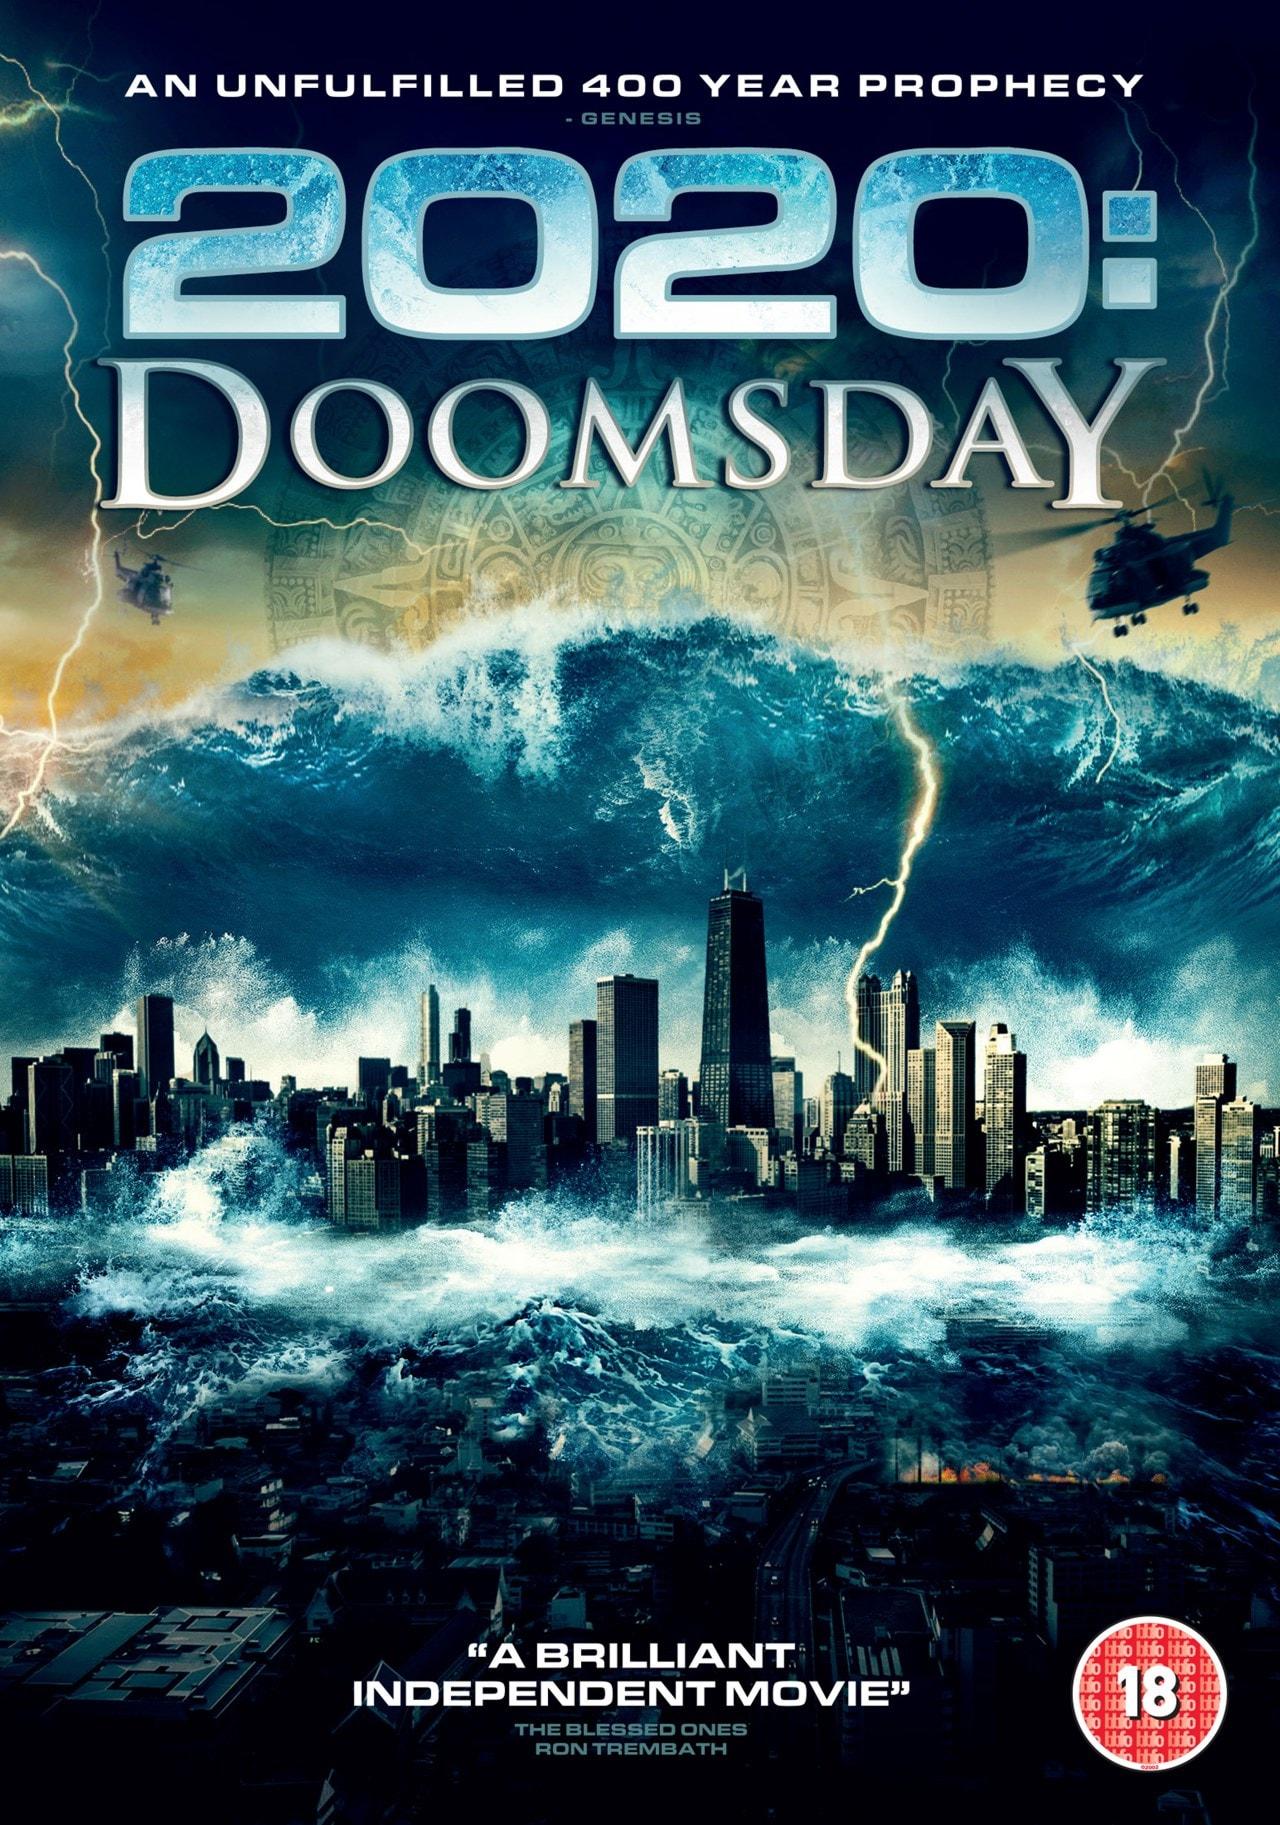 2020 Doomsday - 1